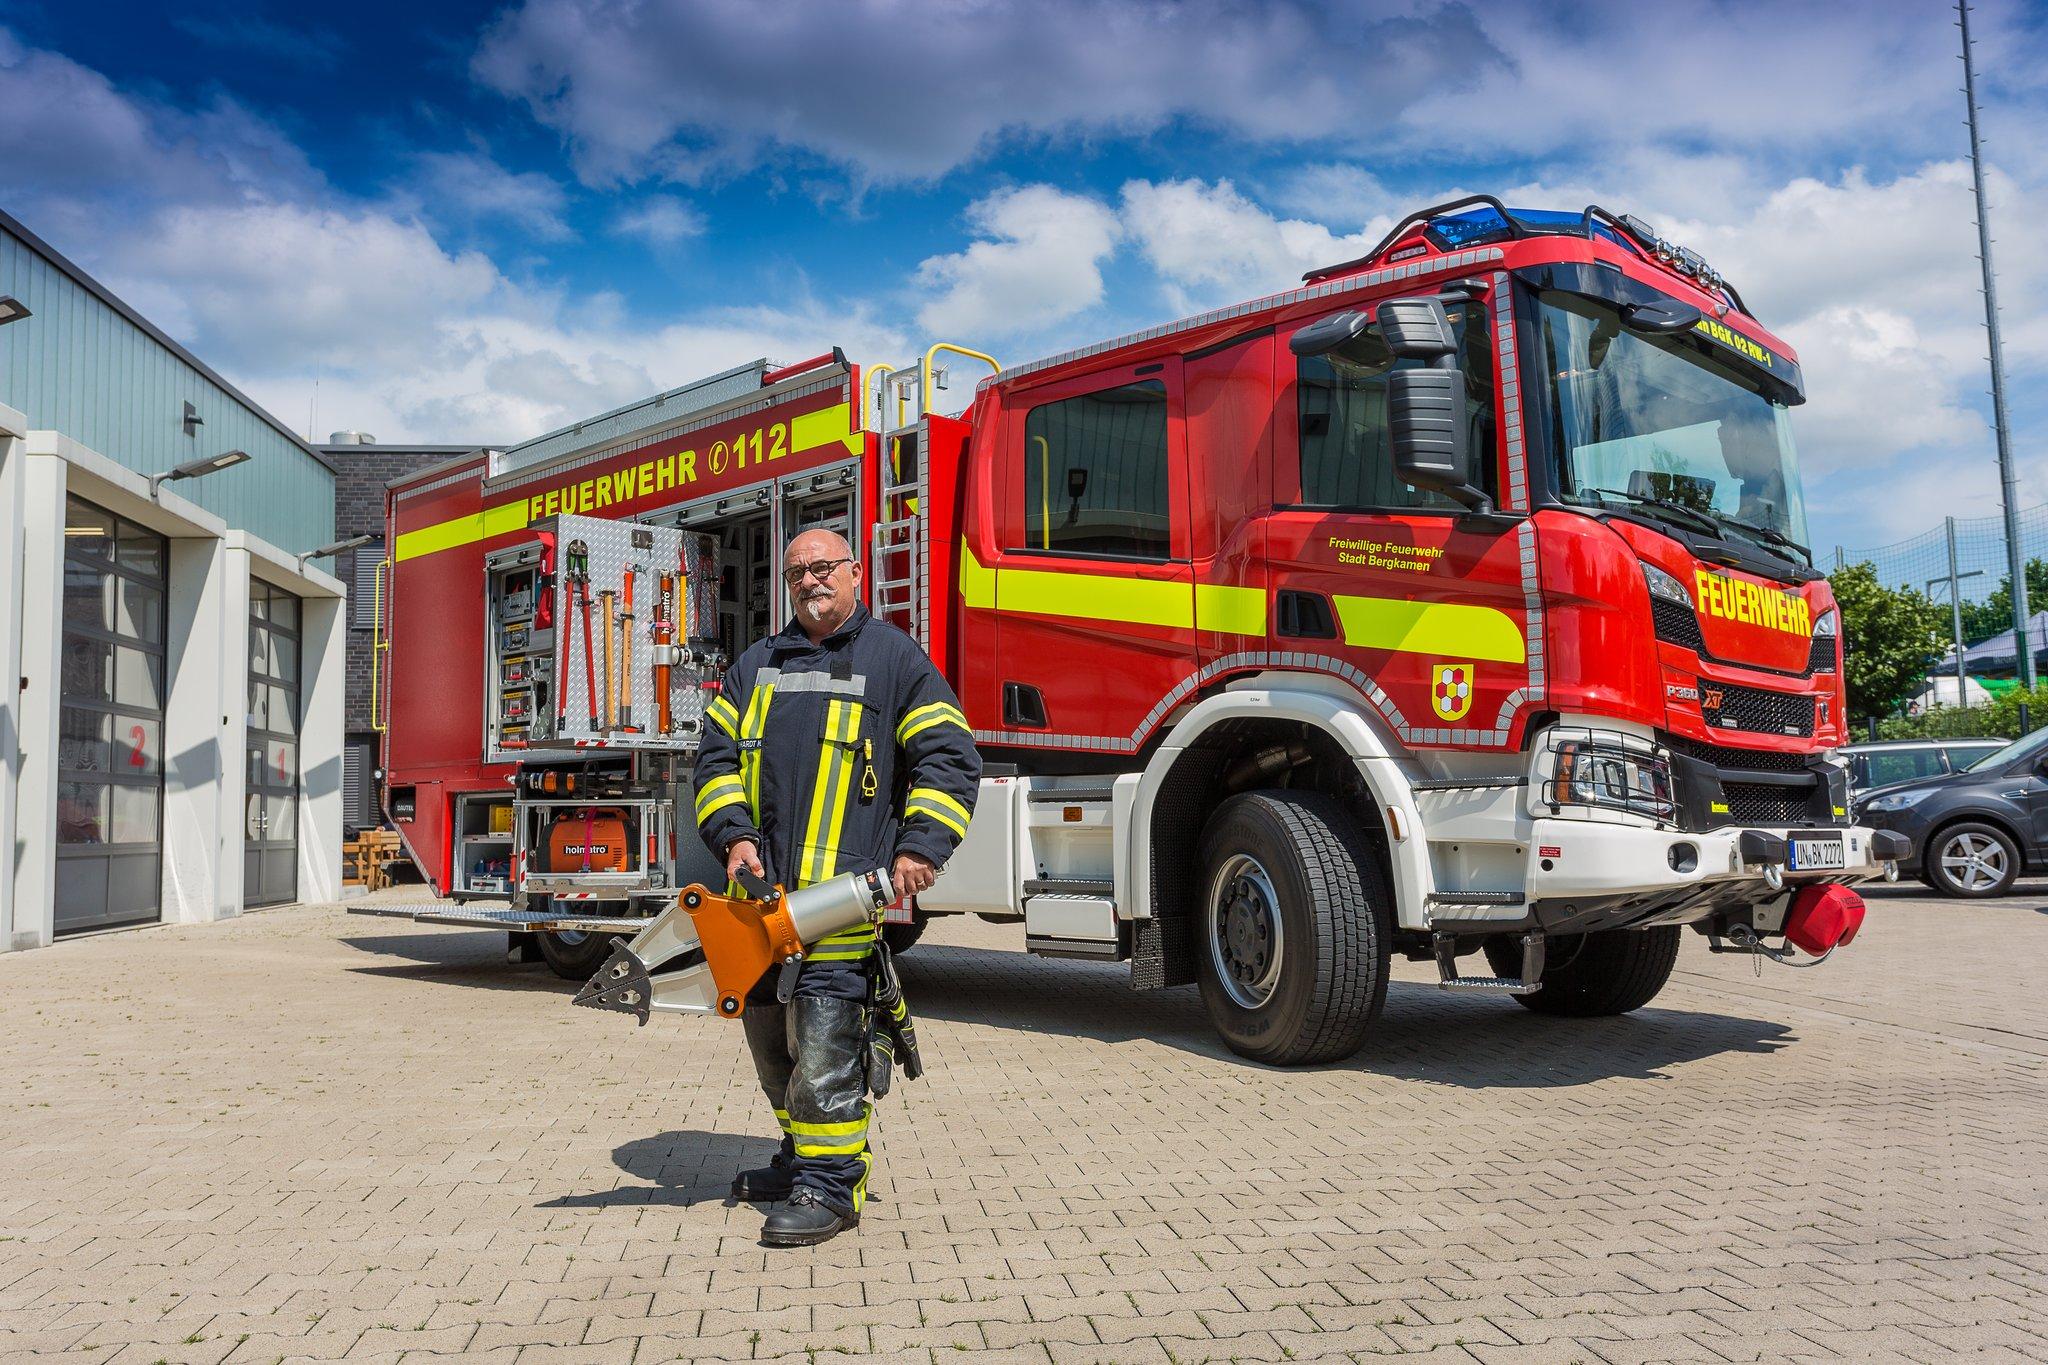 Rüstwagen der Feuerwehr Bergkamen